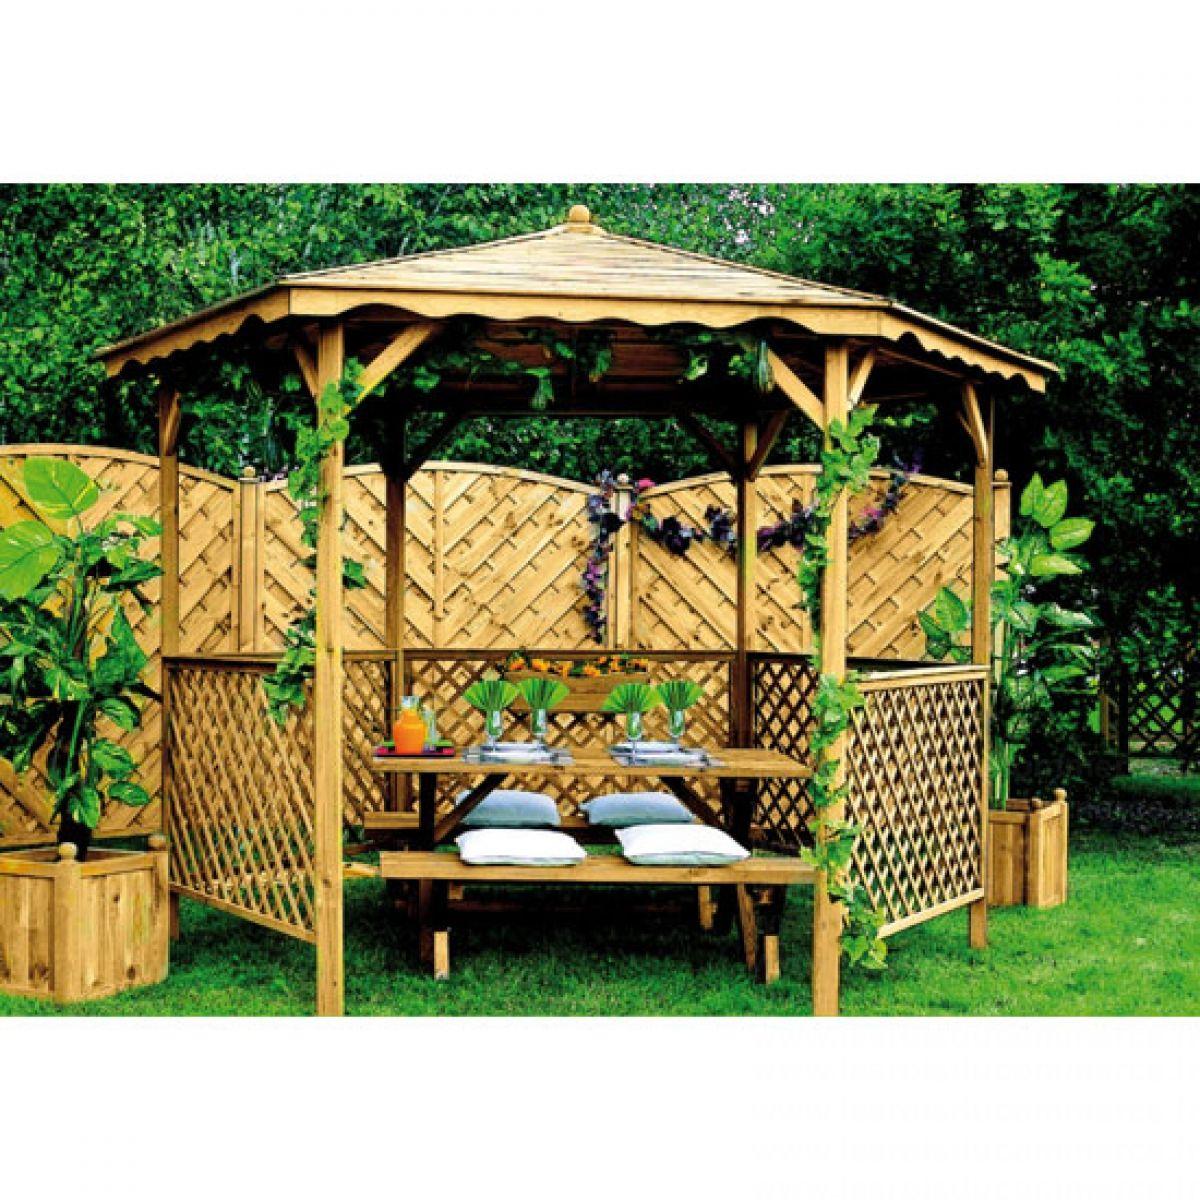 Kiosque De Jardin | Kiosque Jardin, Jardins En Bois Et ... à Abris De Jardin Carrefour